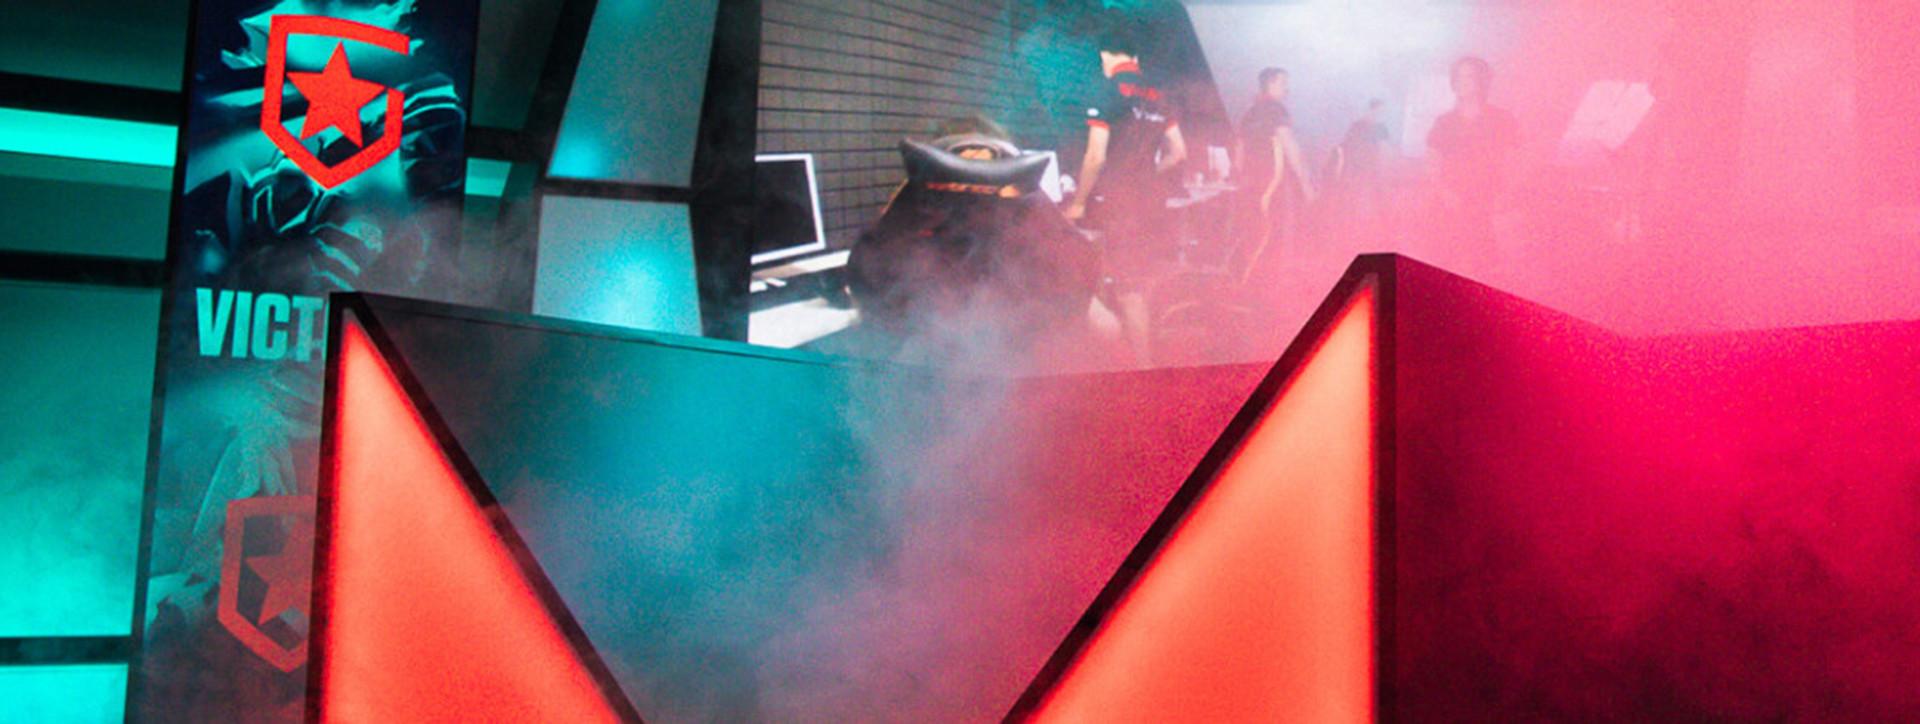 EMEA Challengers Playoff'larında Gambit Şampiyon Olurken SMB 2. Sırayı Aldı!